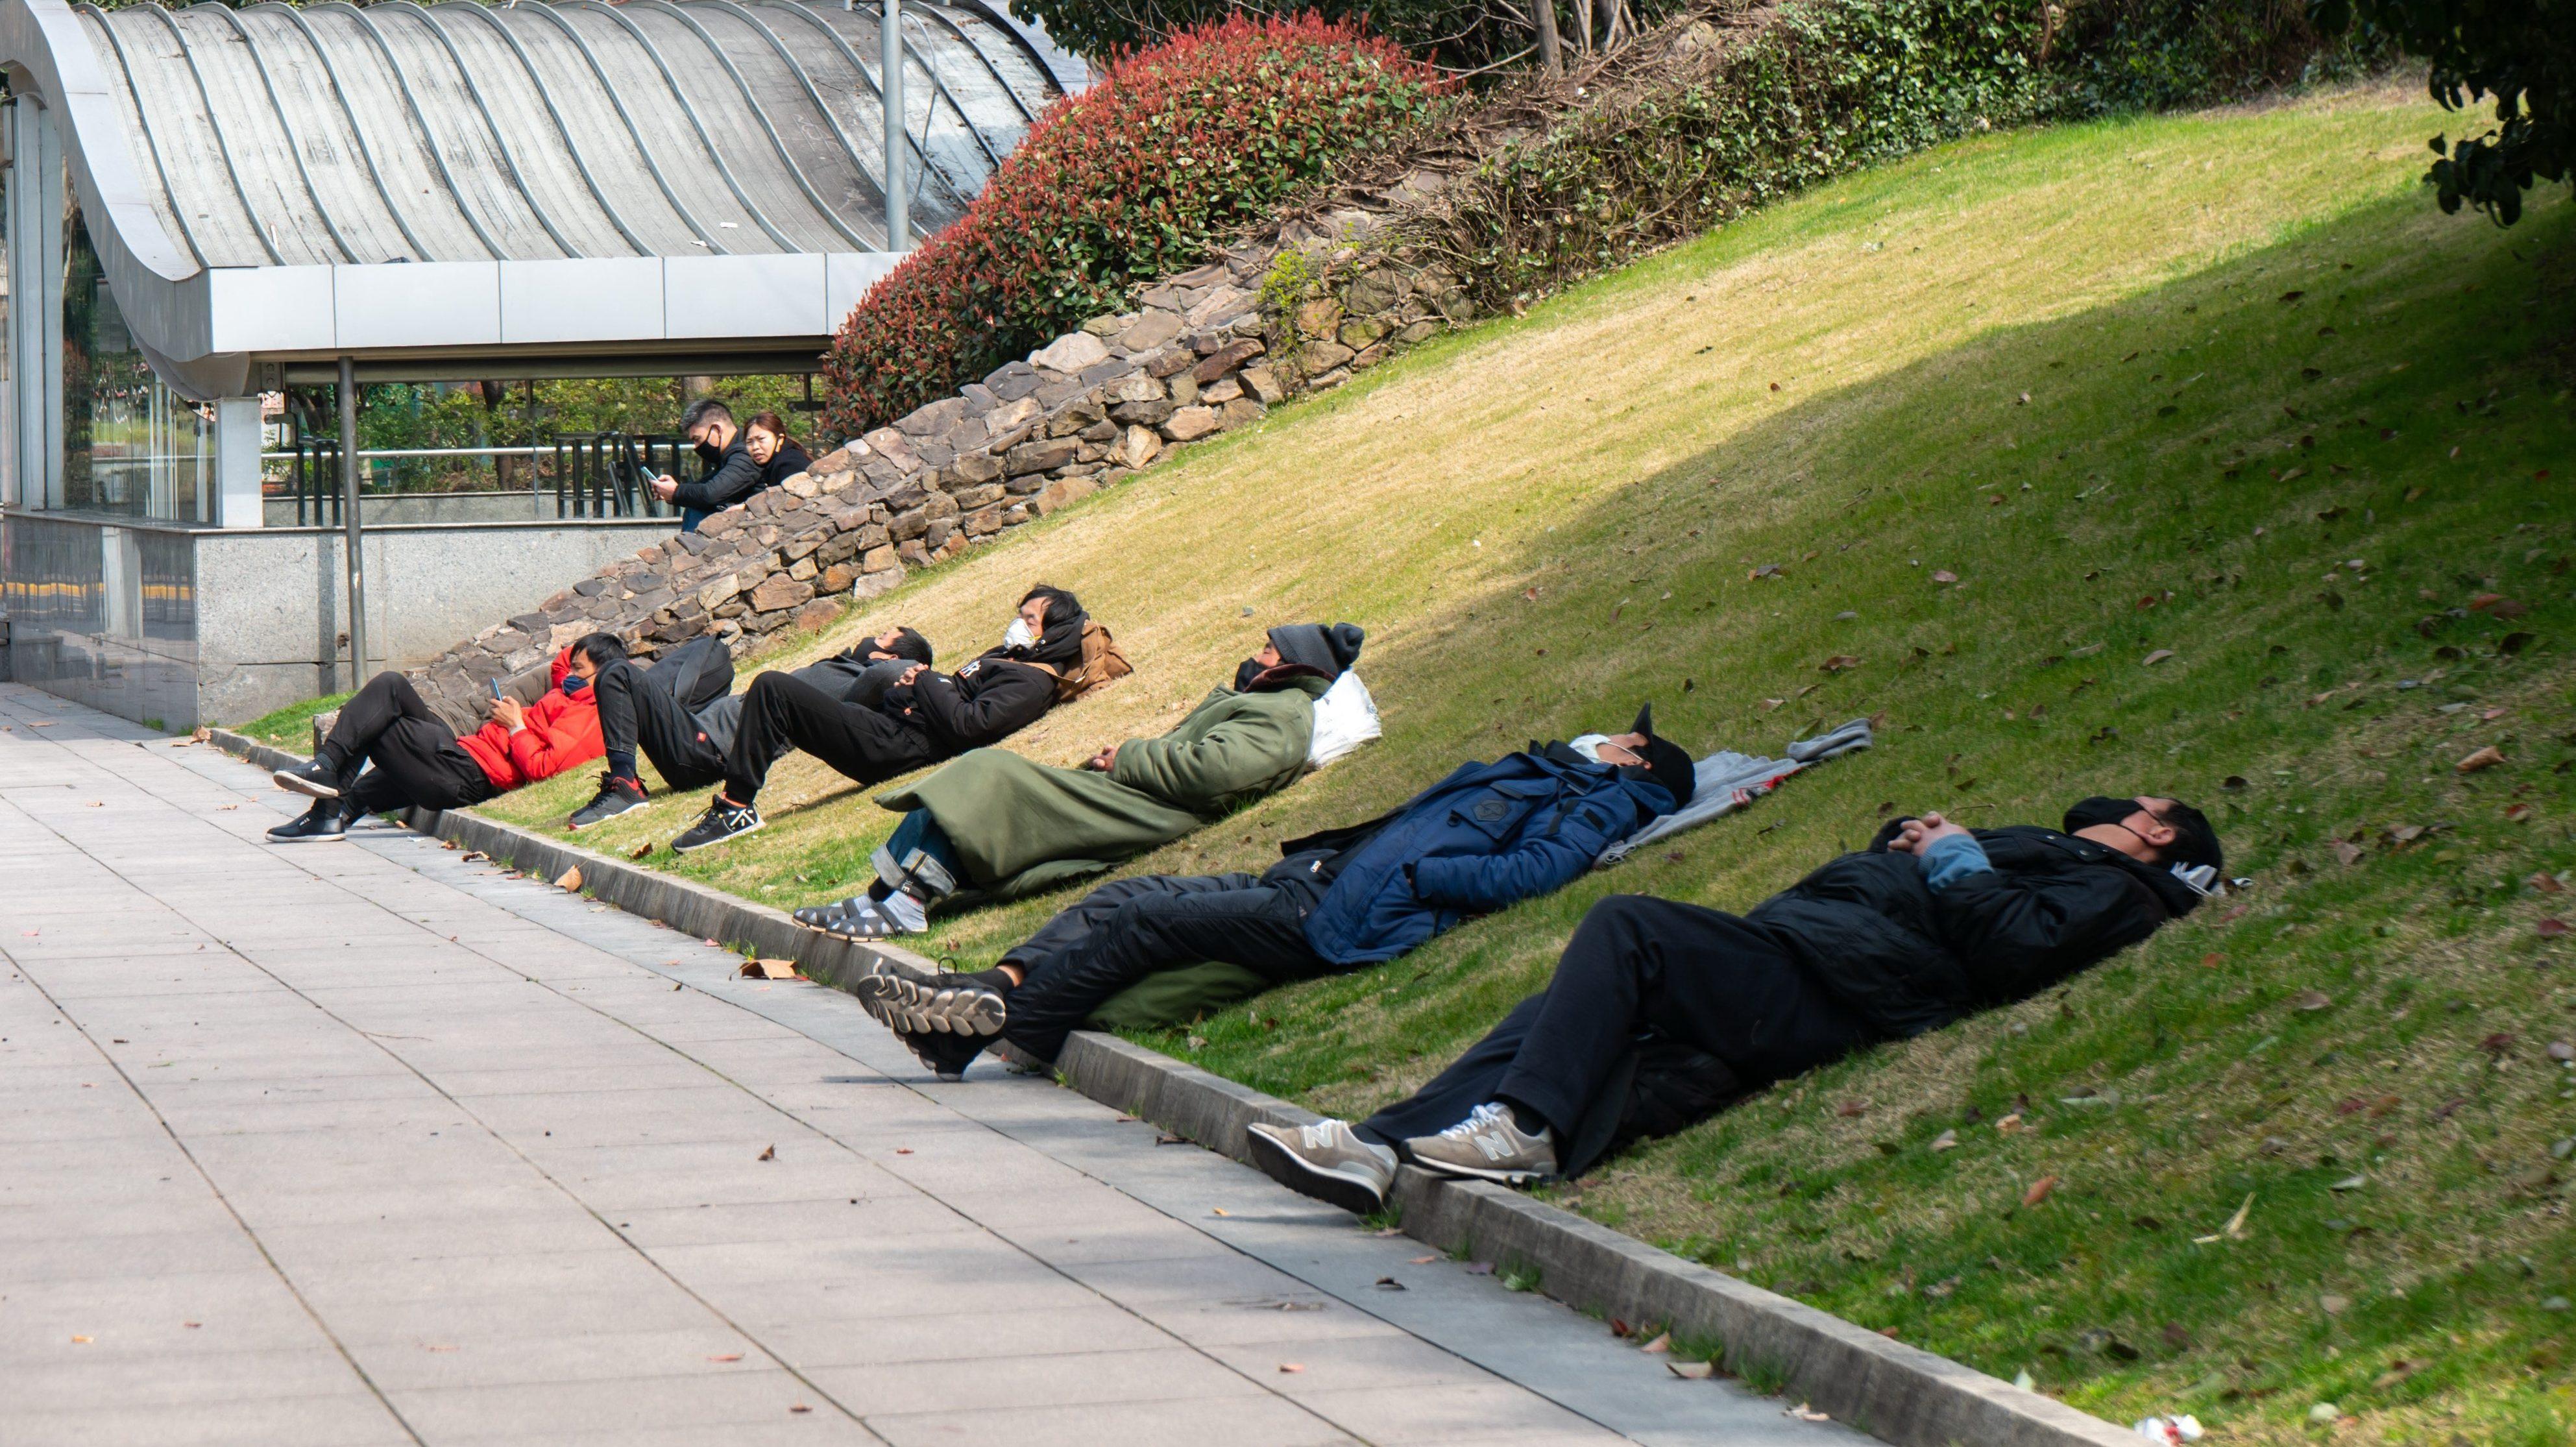 中国の若者に広がる「寝そべり族」 向上心がなく消費もしない寝そべっているだけ主義   急激な台頭に政府もピリピリ?   クーリエ・ジャポン